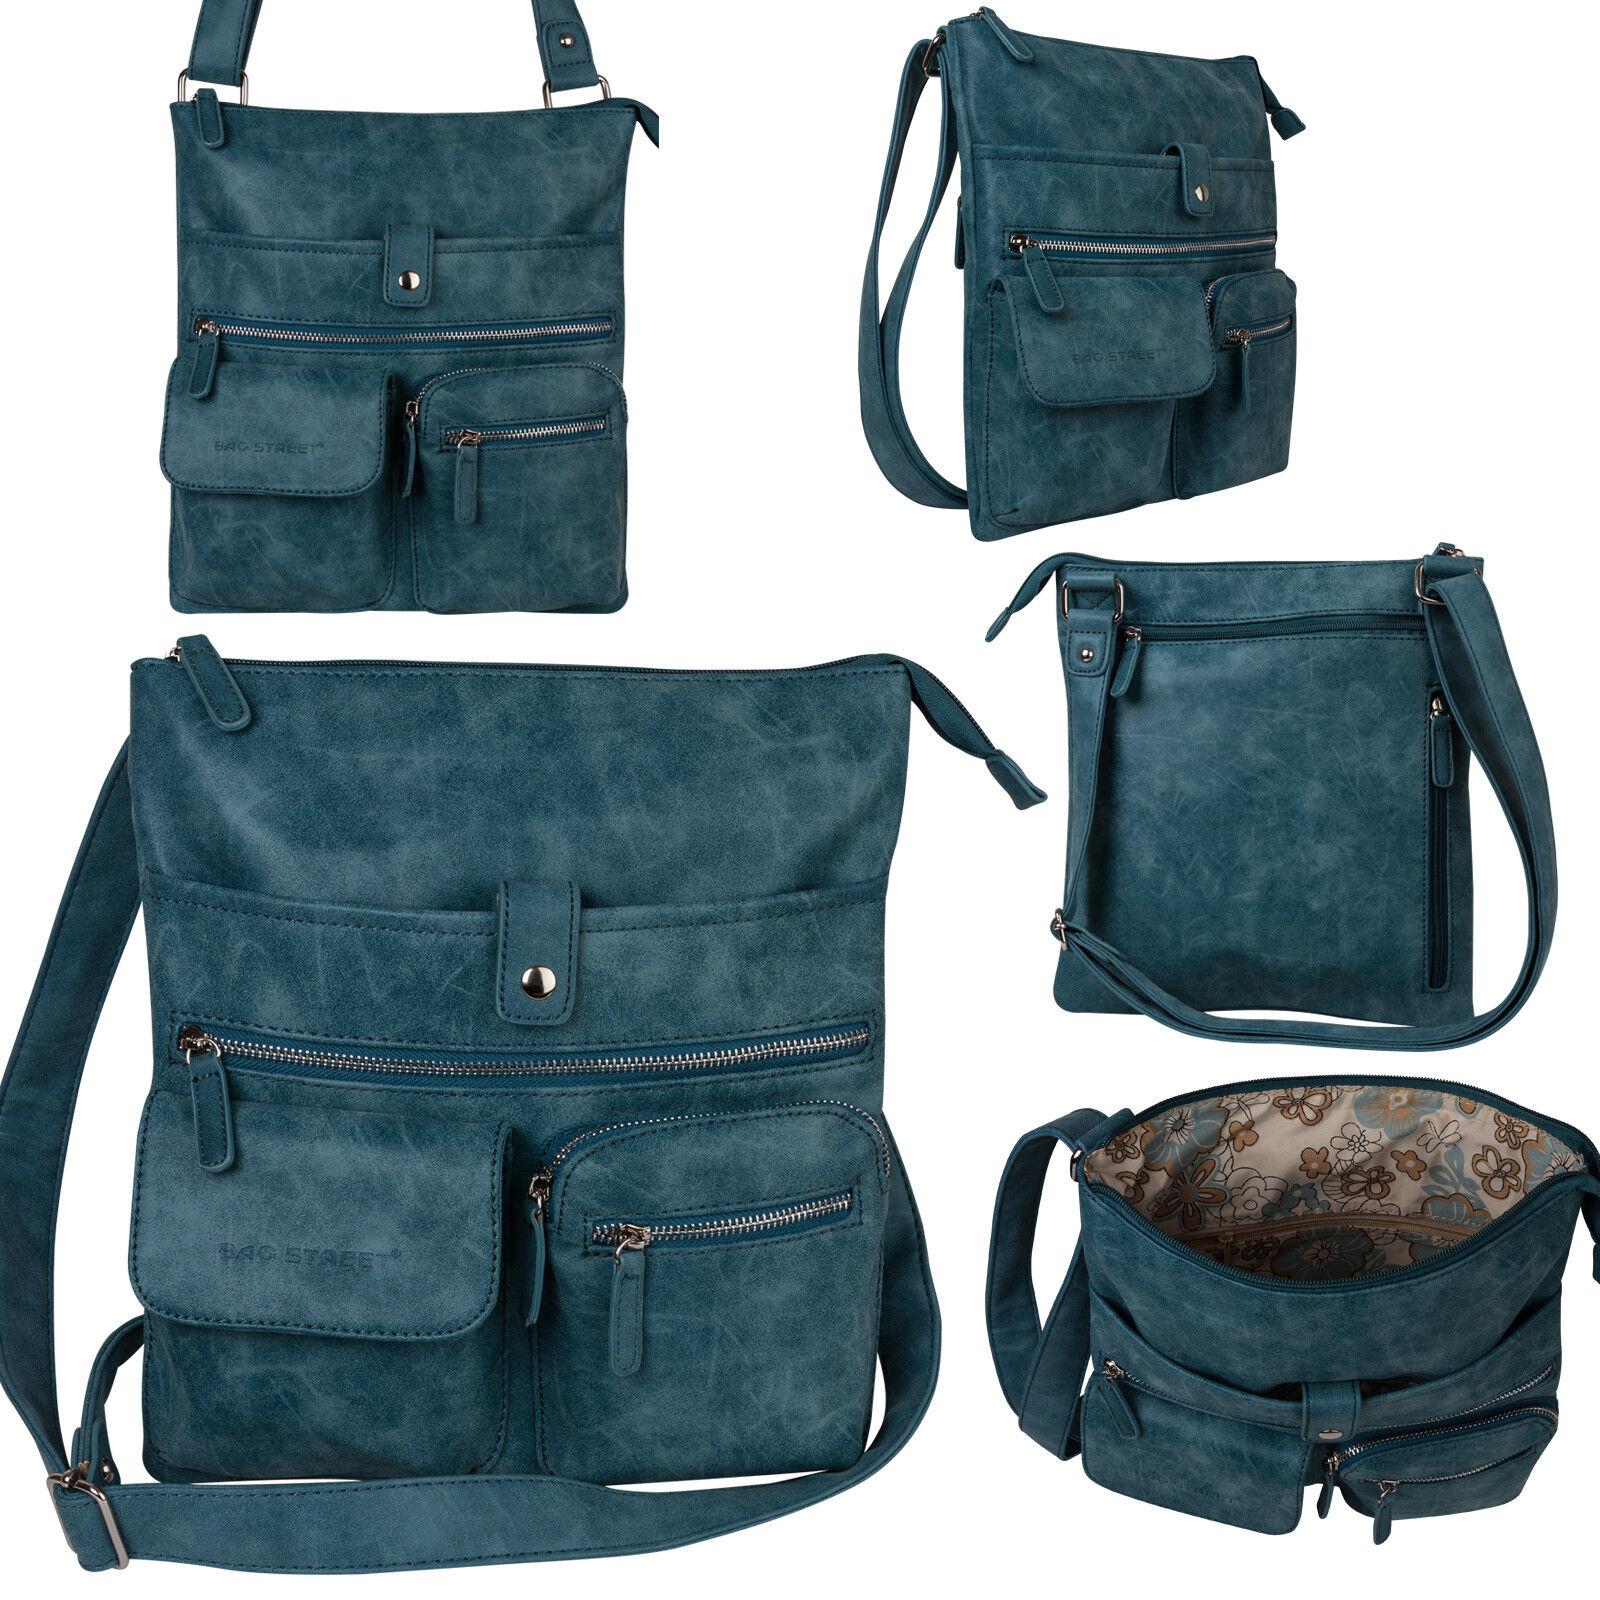 Bag Street Damentasche Umhängetasche Handtasche Schultertasche K2 T0100 Blau